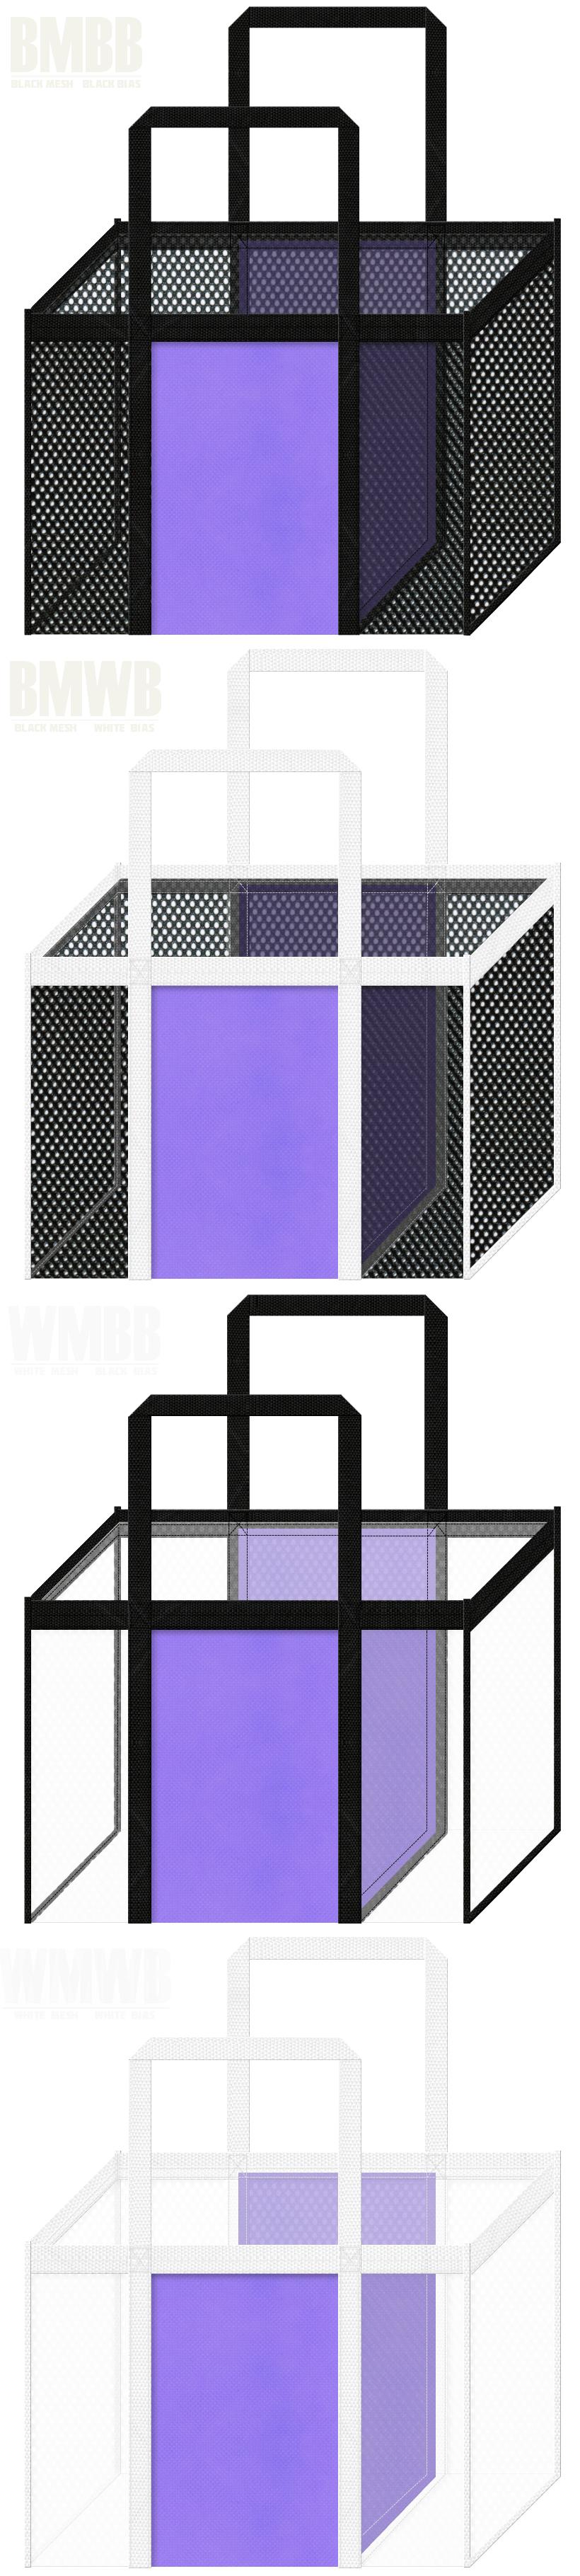 角型メッシュバッグのカラーシミュレーション:黒色・白色メッシュと薄紫色不織布の組み合わせ